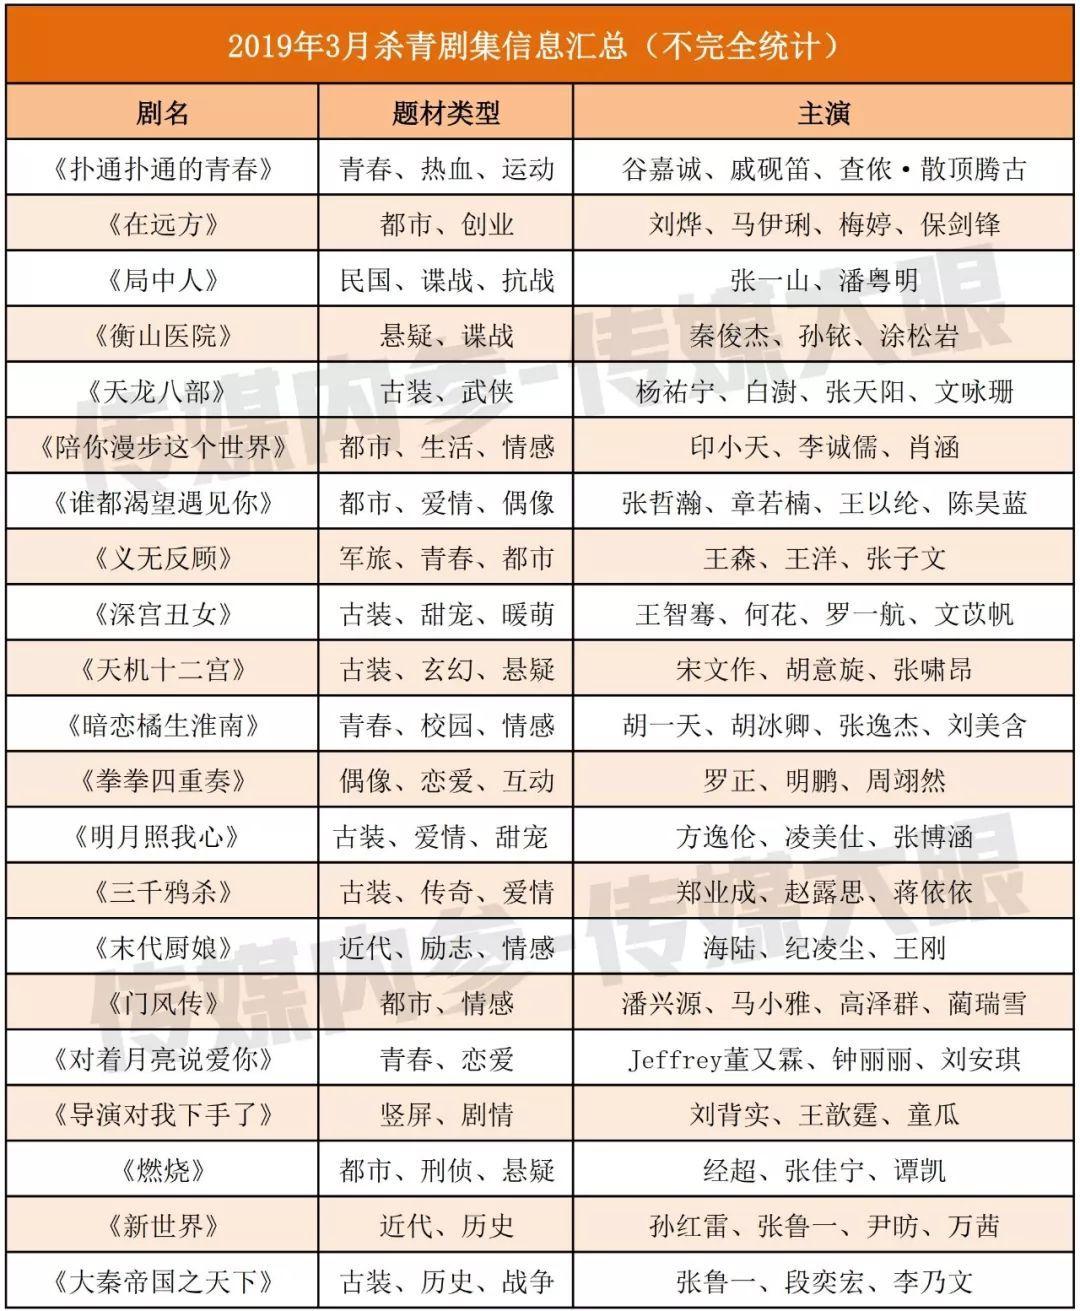 3月份21部剧集杀青,都市、古装、青春题材成主打_传媒